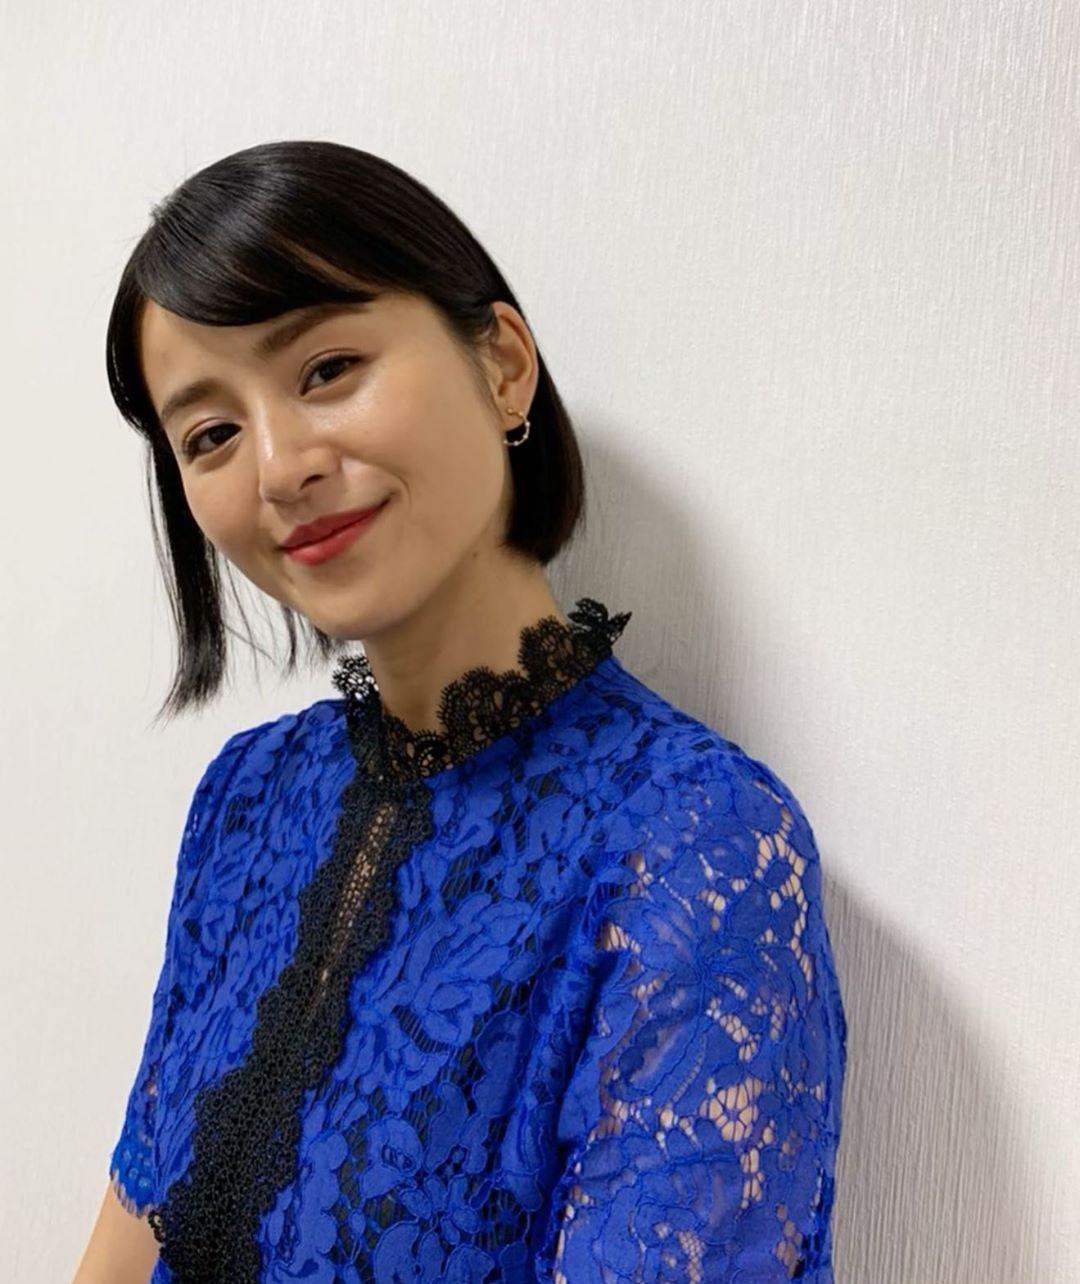 鈴木 ちなみ instagram 鈴木ちなみオフィシャルブログ Powered by